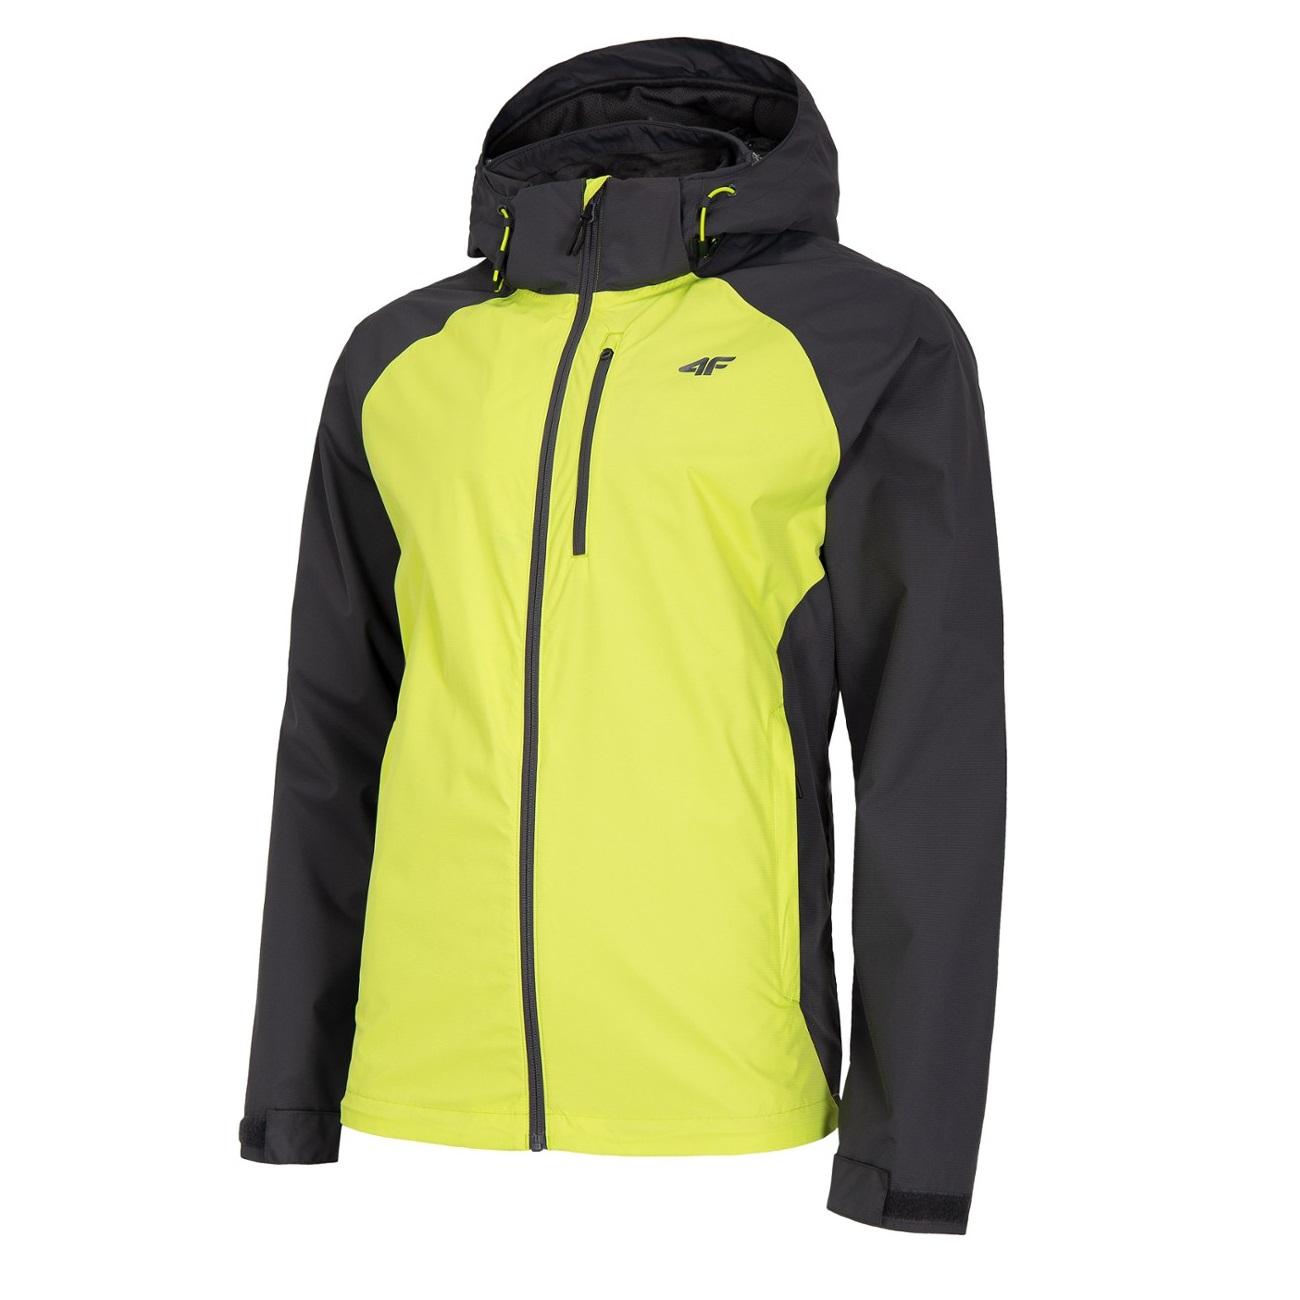 Clothing -  4f Men Urban Jacket KUM002